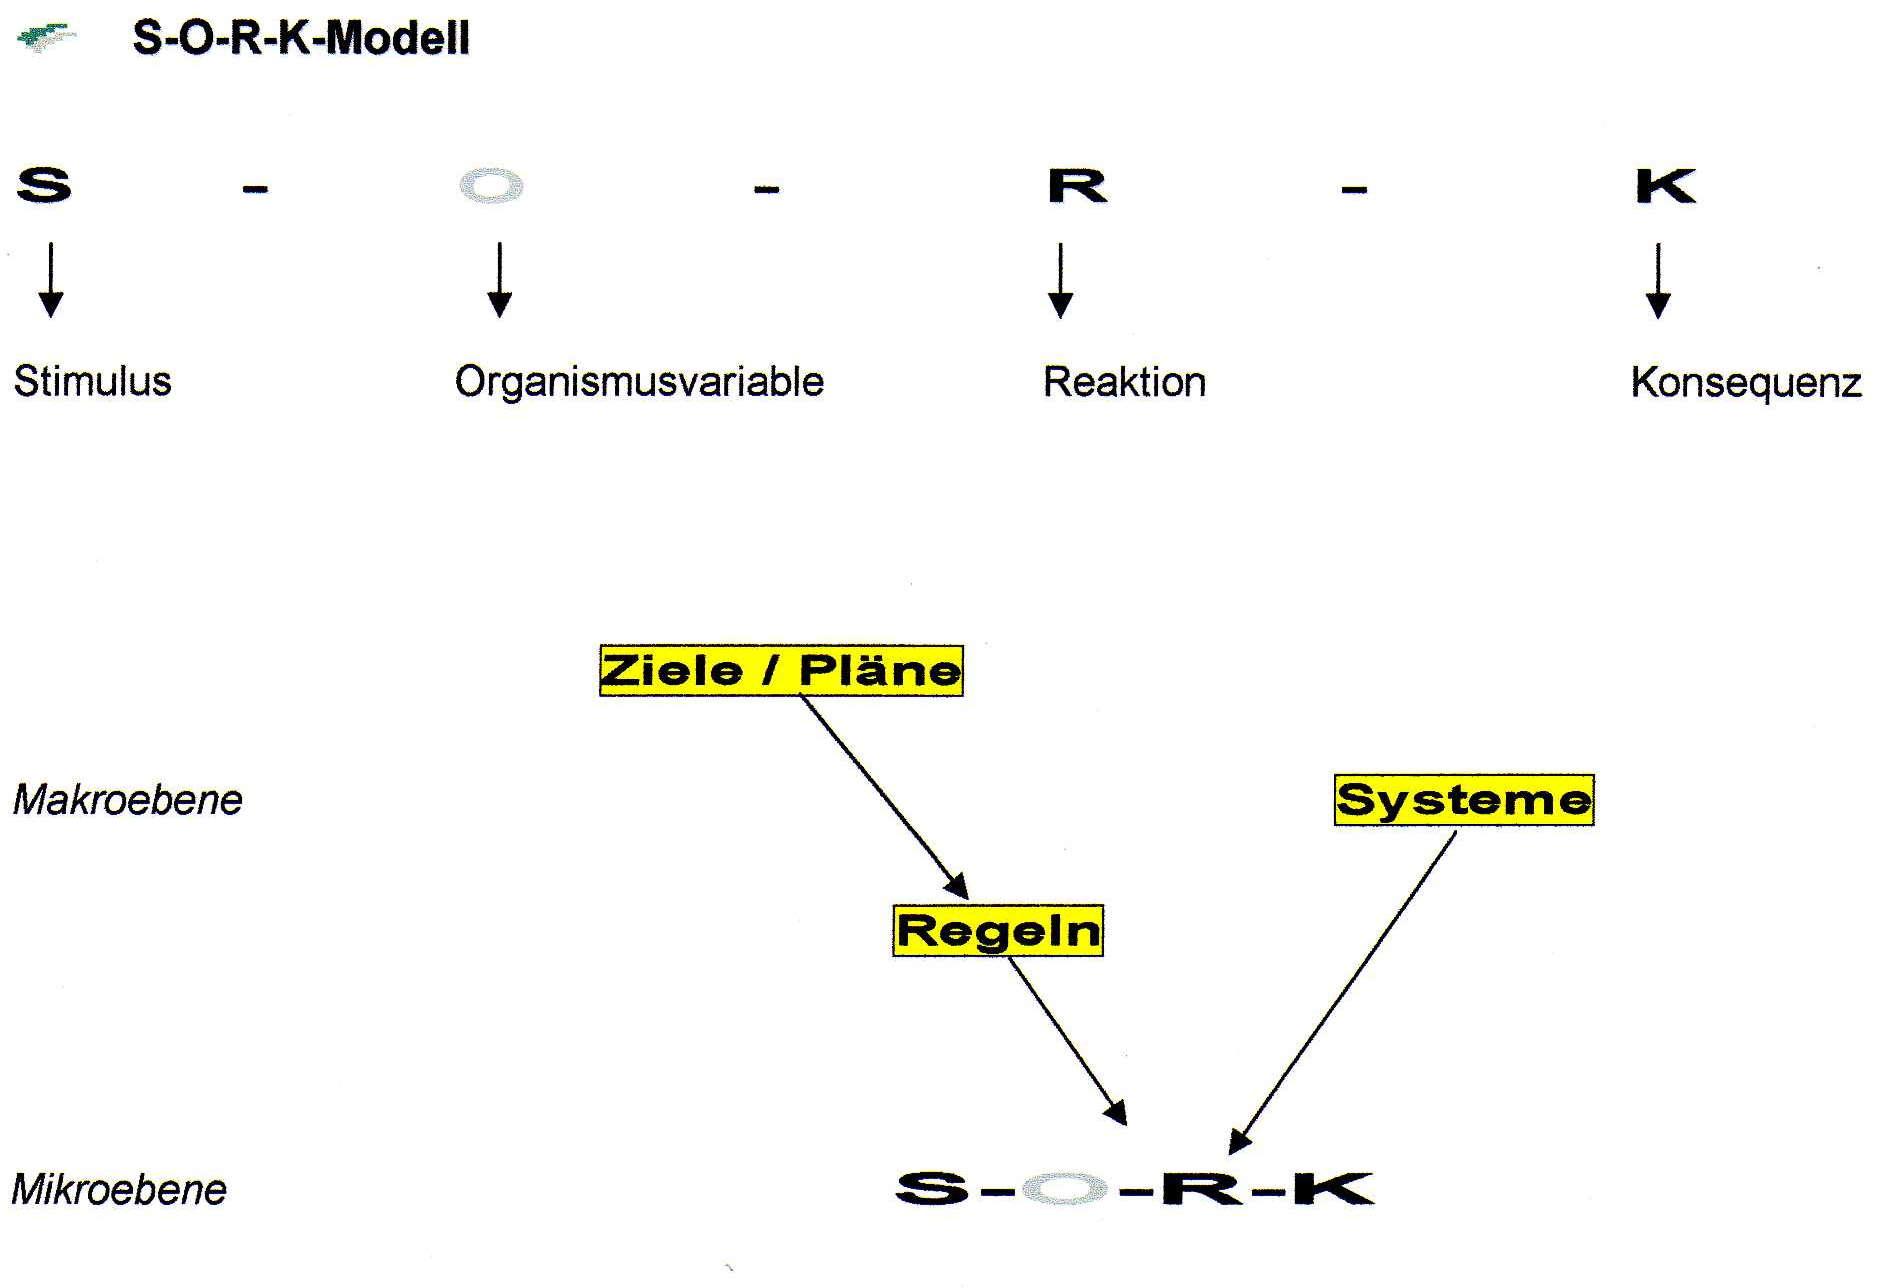 VT - SORK-Modell